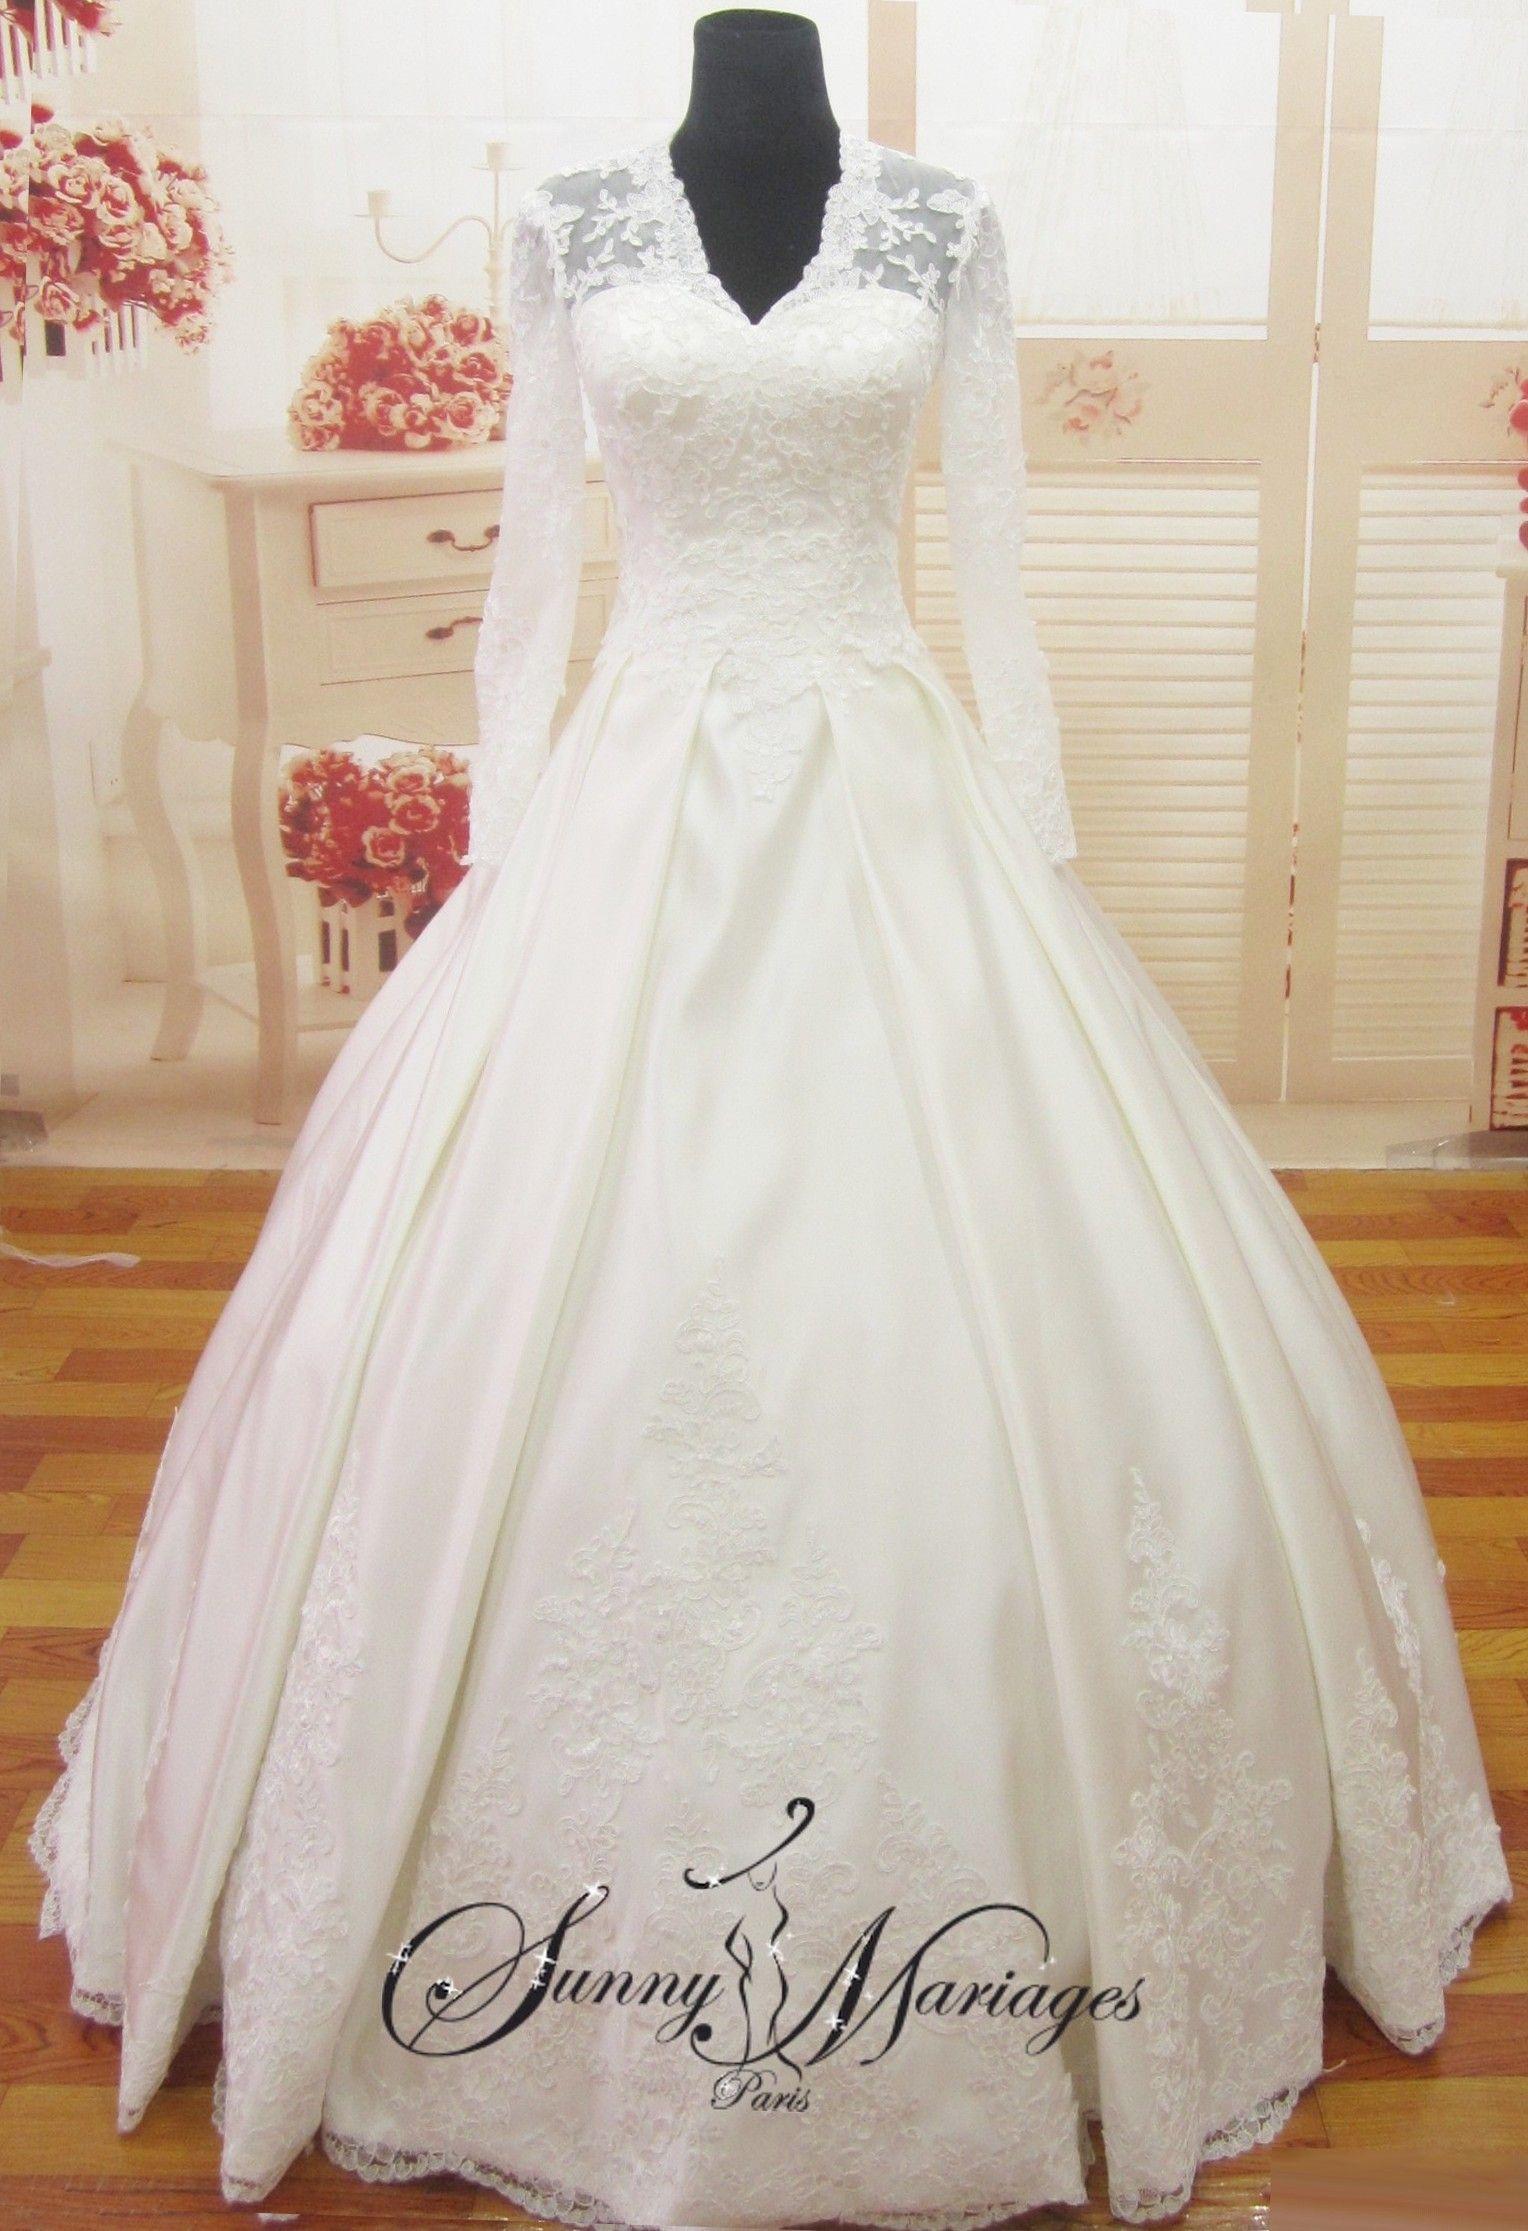 fbc5477d002d6 robes de mariage, robes de mariee, robe de mariee princesse kate middleton dentelle  manches longues | Sunny Mariages